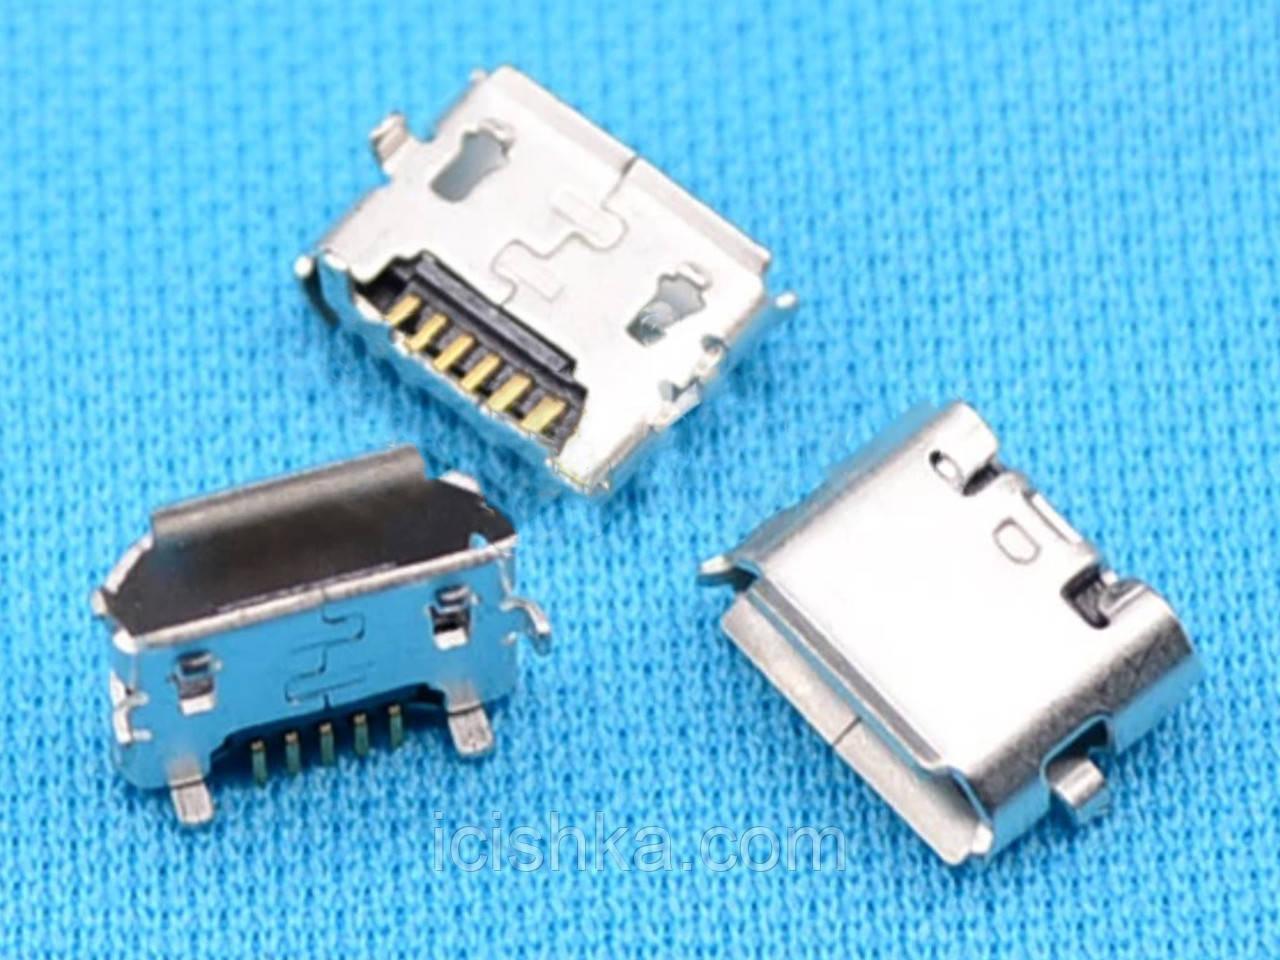 Micro USB connector #7 - коннектор зарядки (перевёртыш)